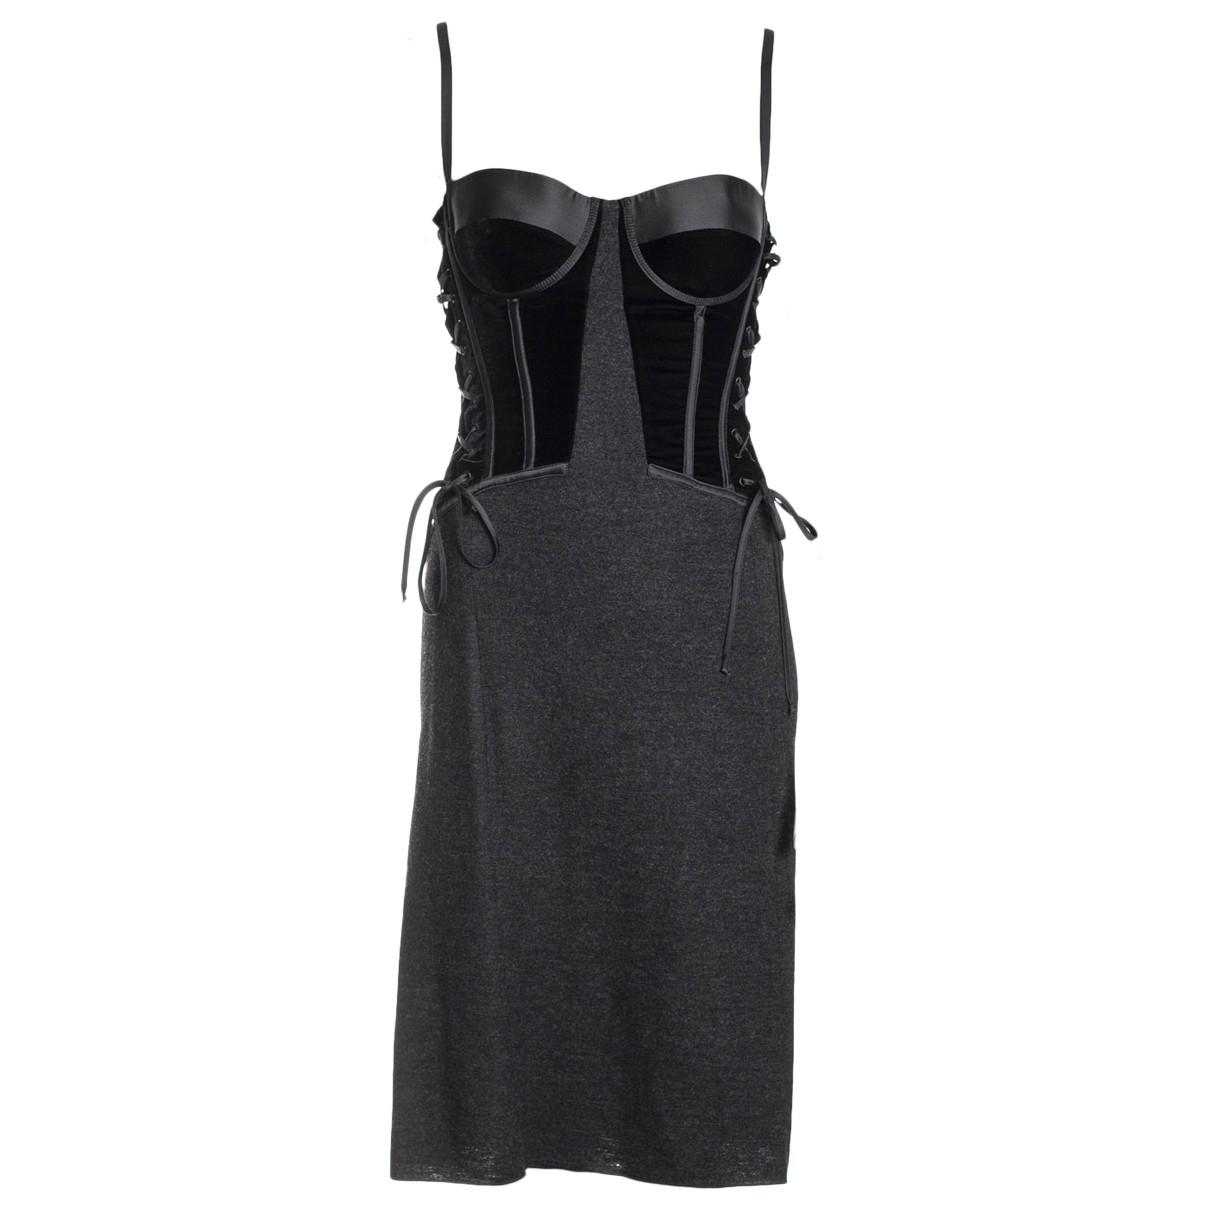 Bottega Veneta \N Kleid in  Schwarz Wolle